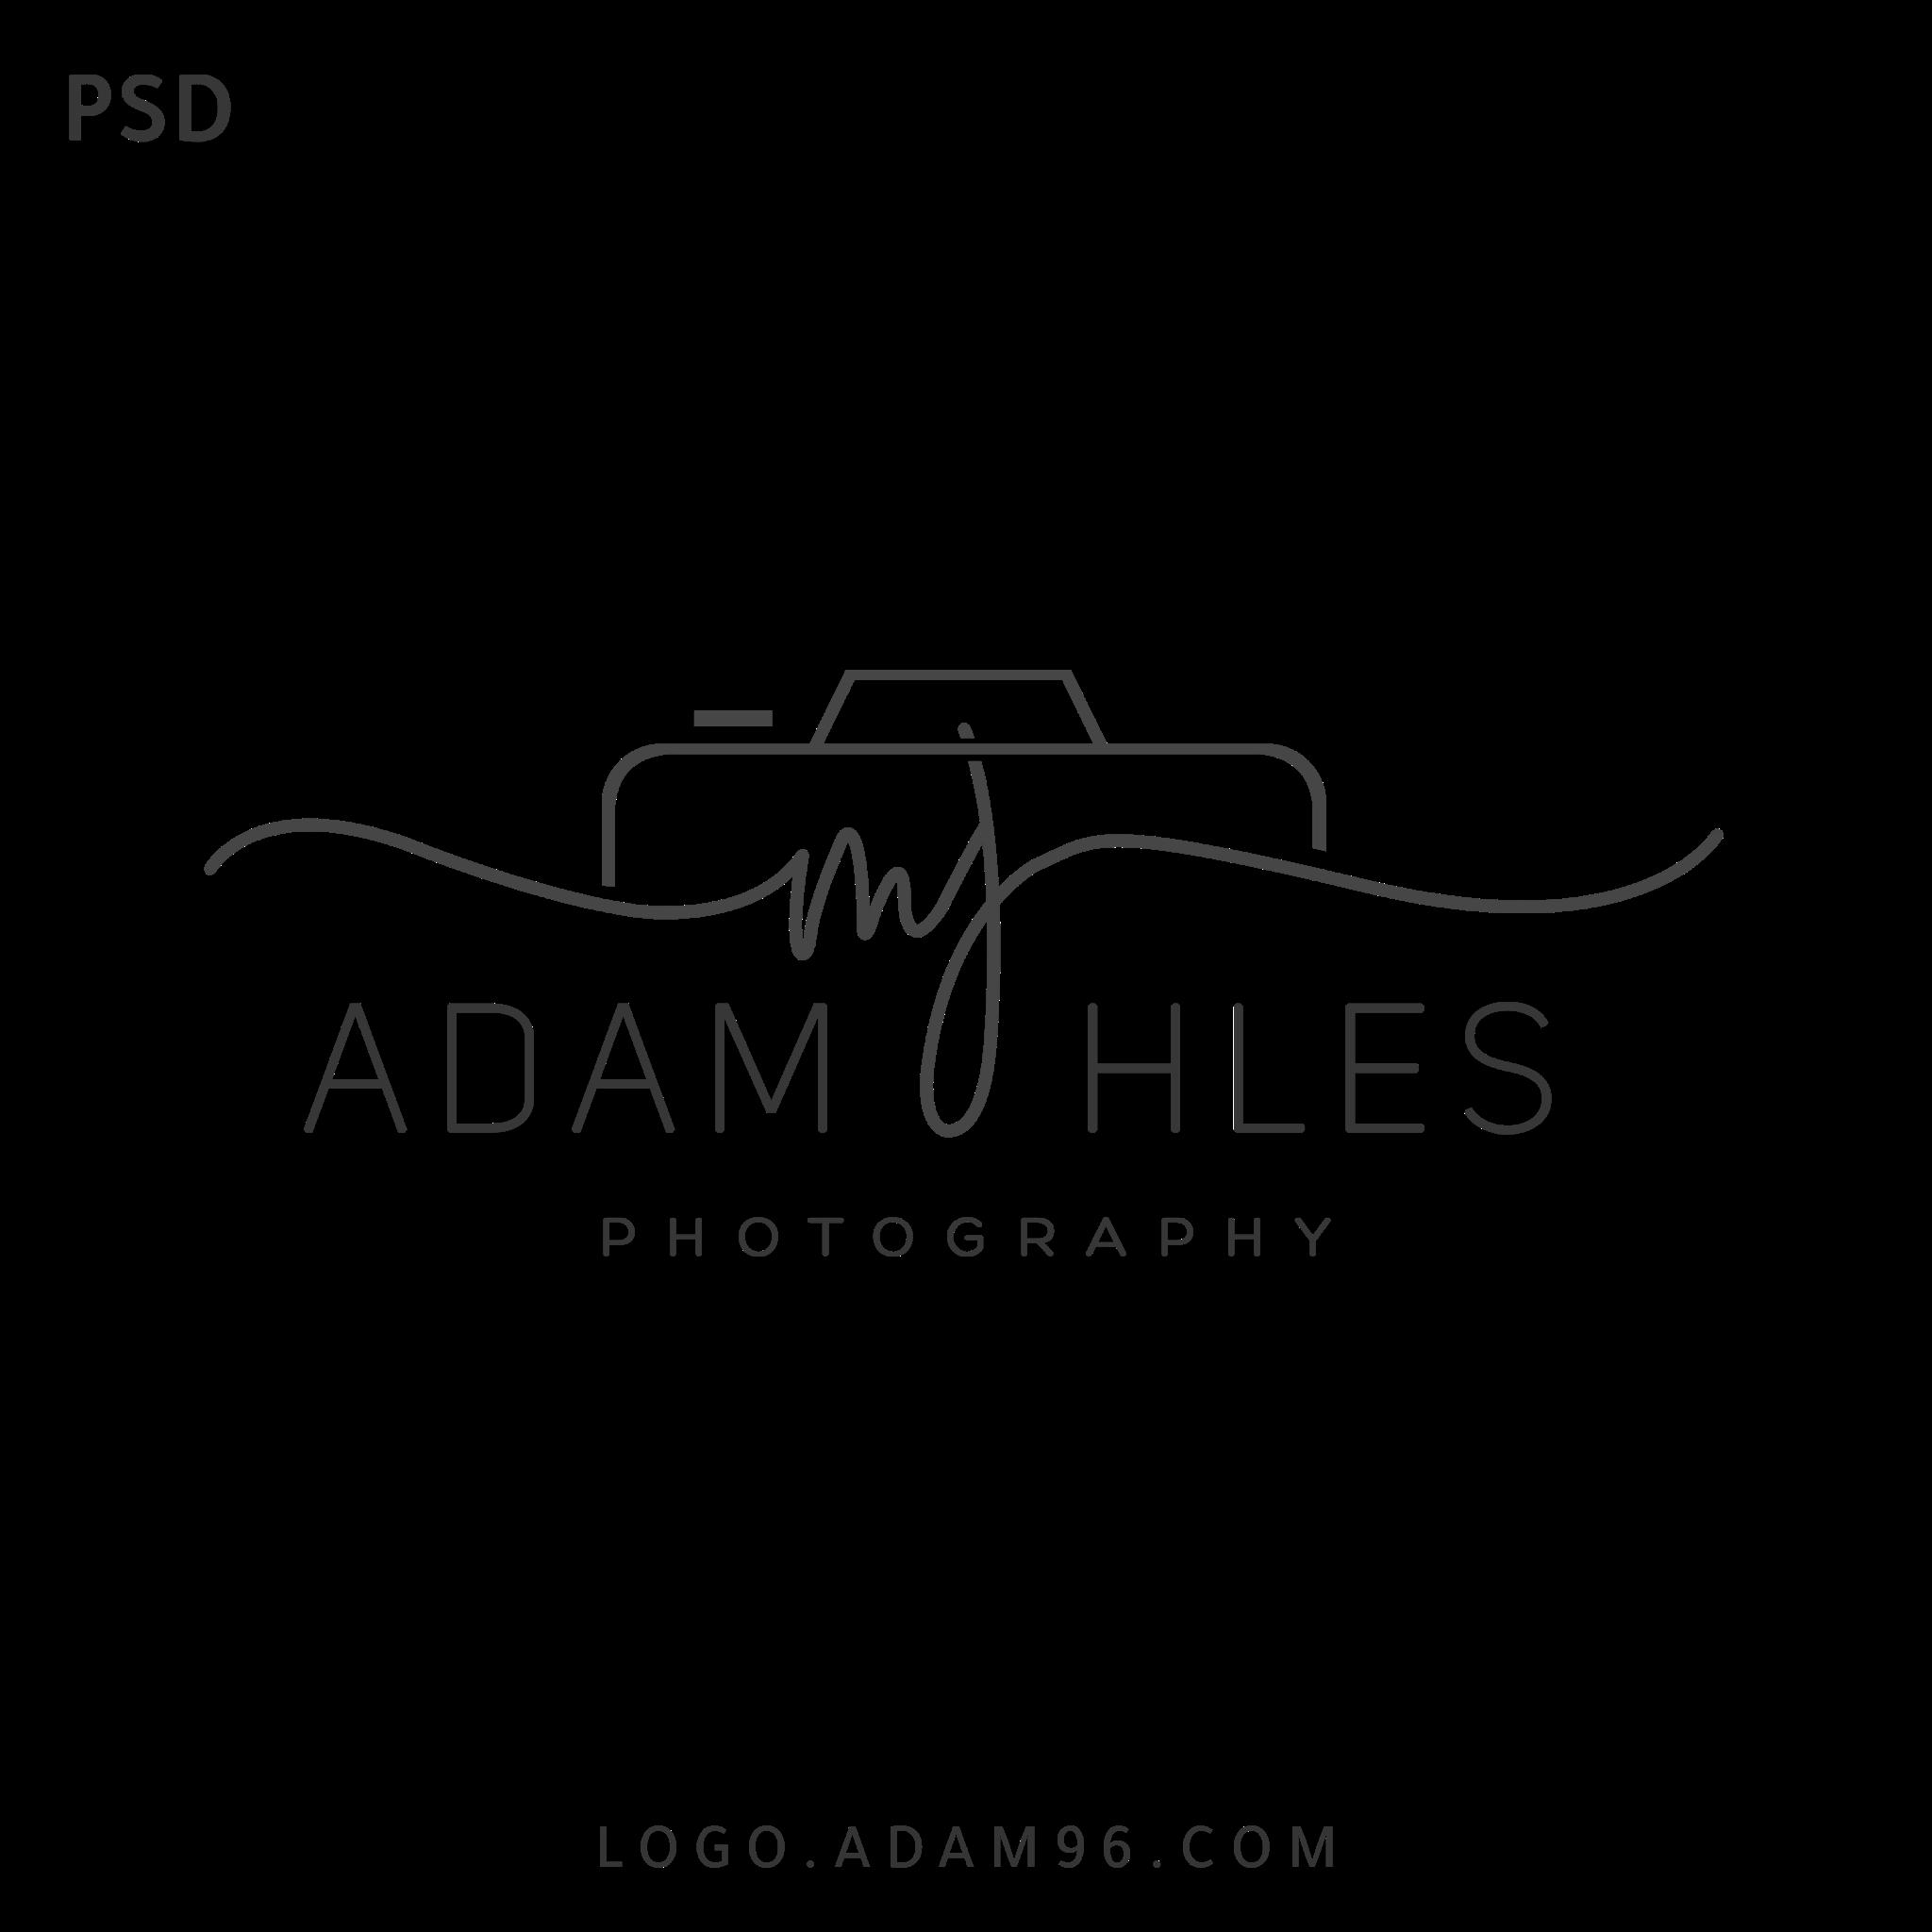 تحميل شعار احترافي للمصورين بلا حقوق لوجو مصور بصيغة PSD